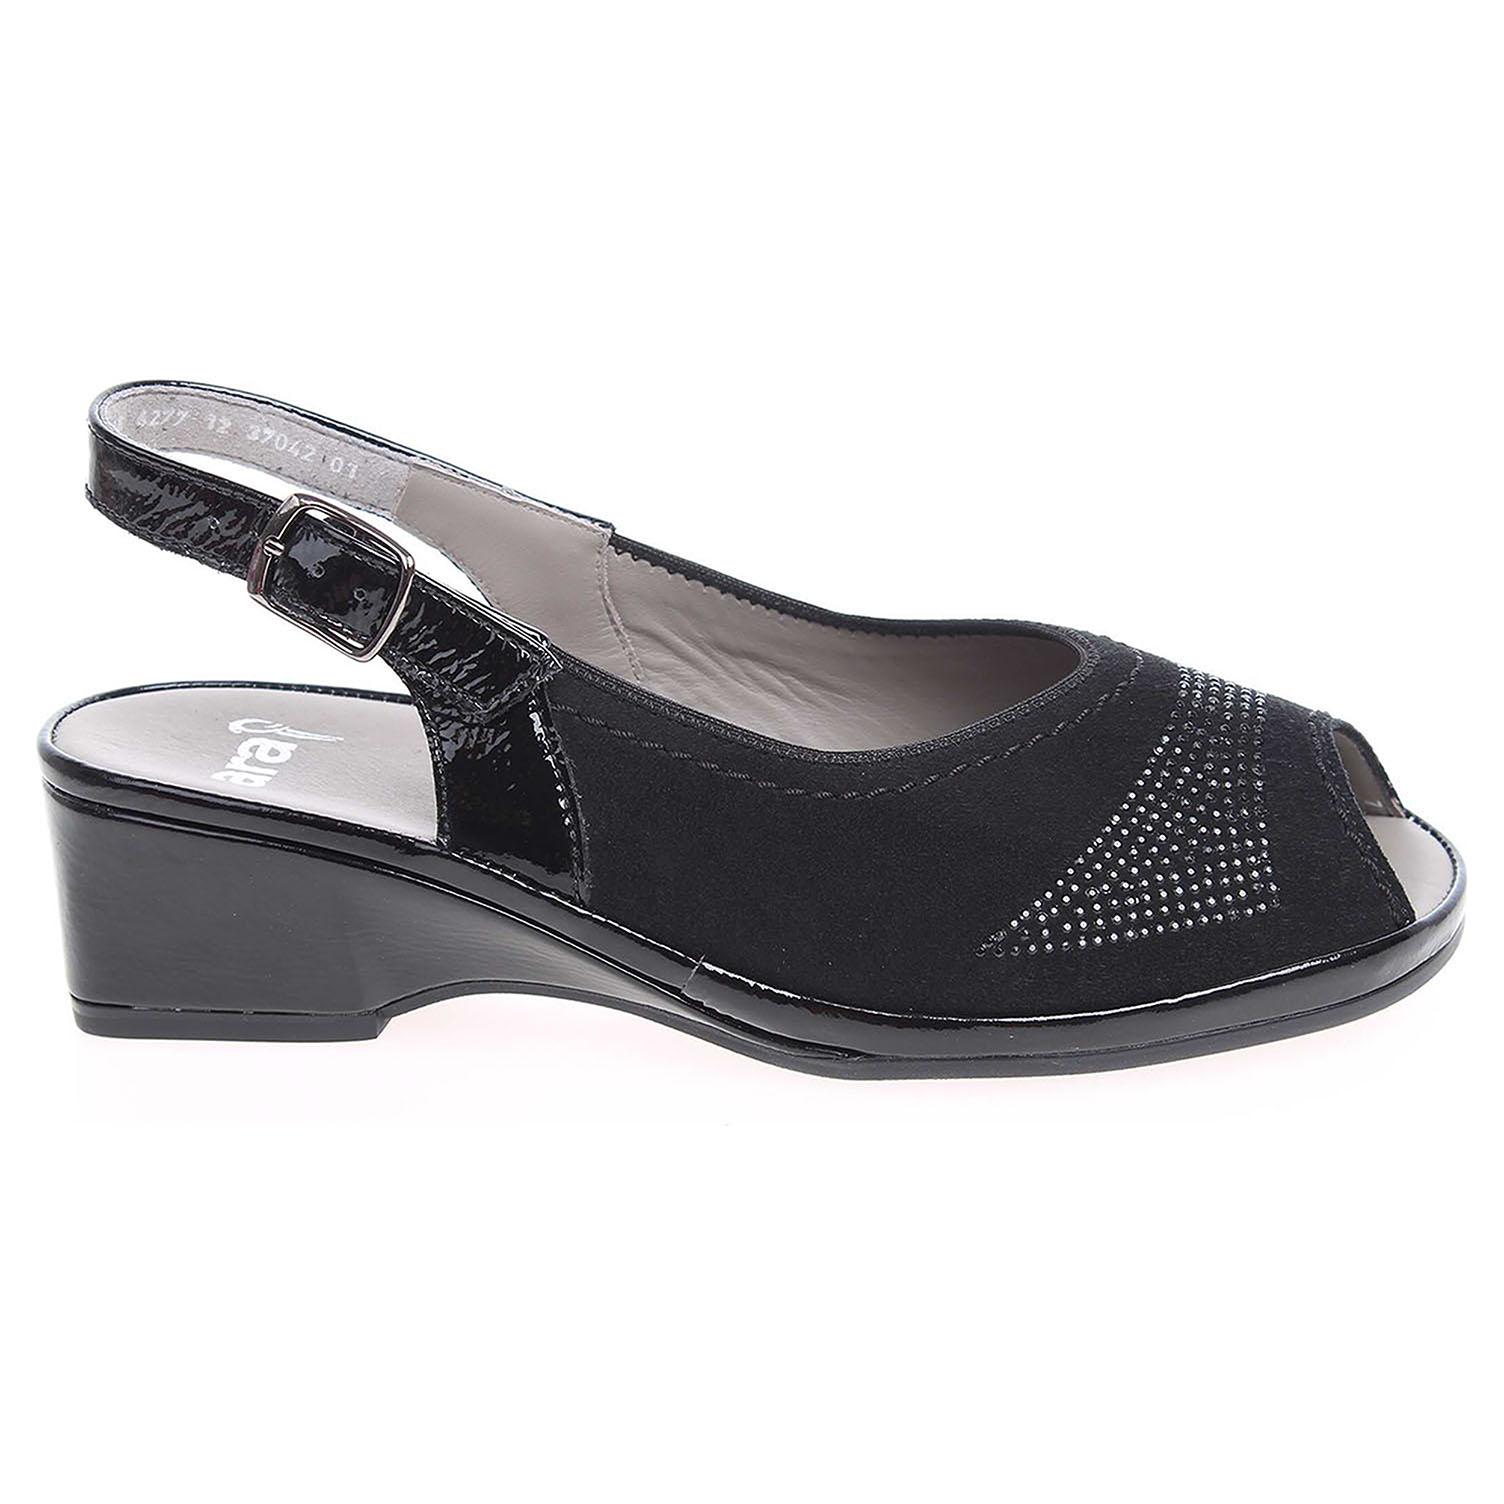 Ecco Ara dámské sandály 37042-01 černé 23801017